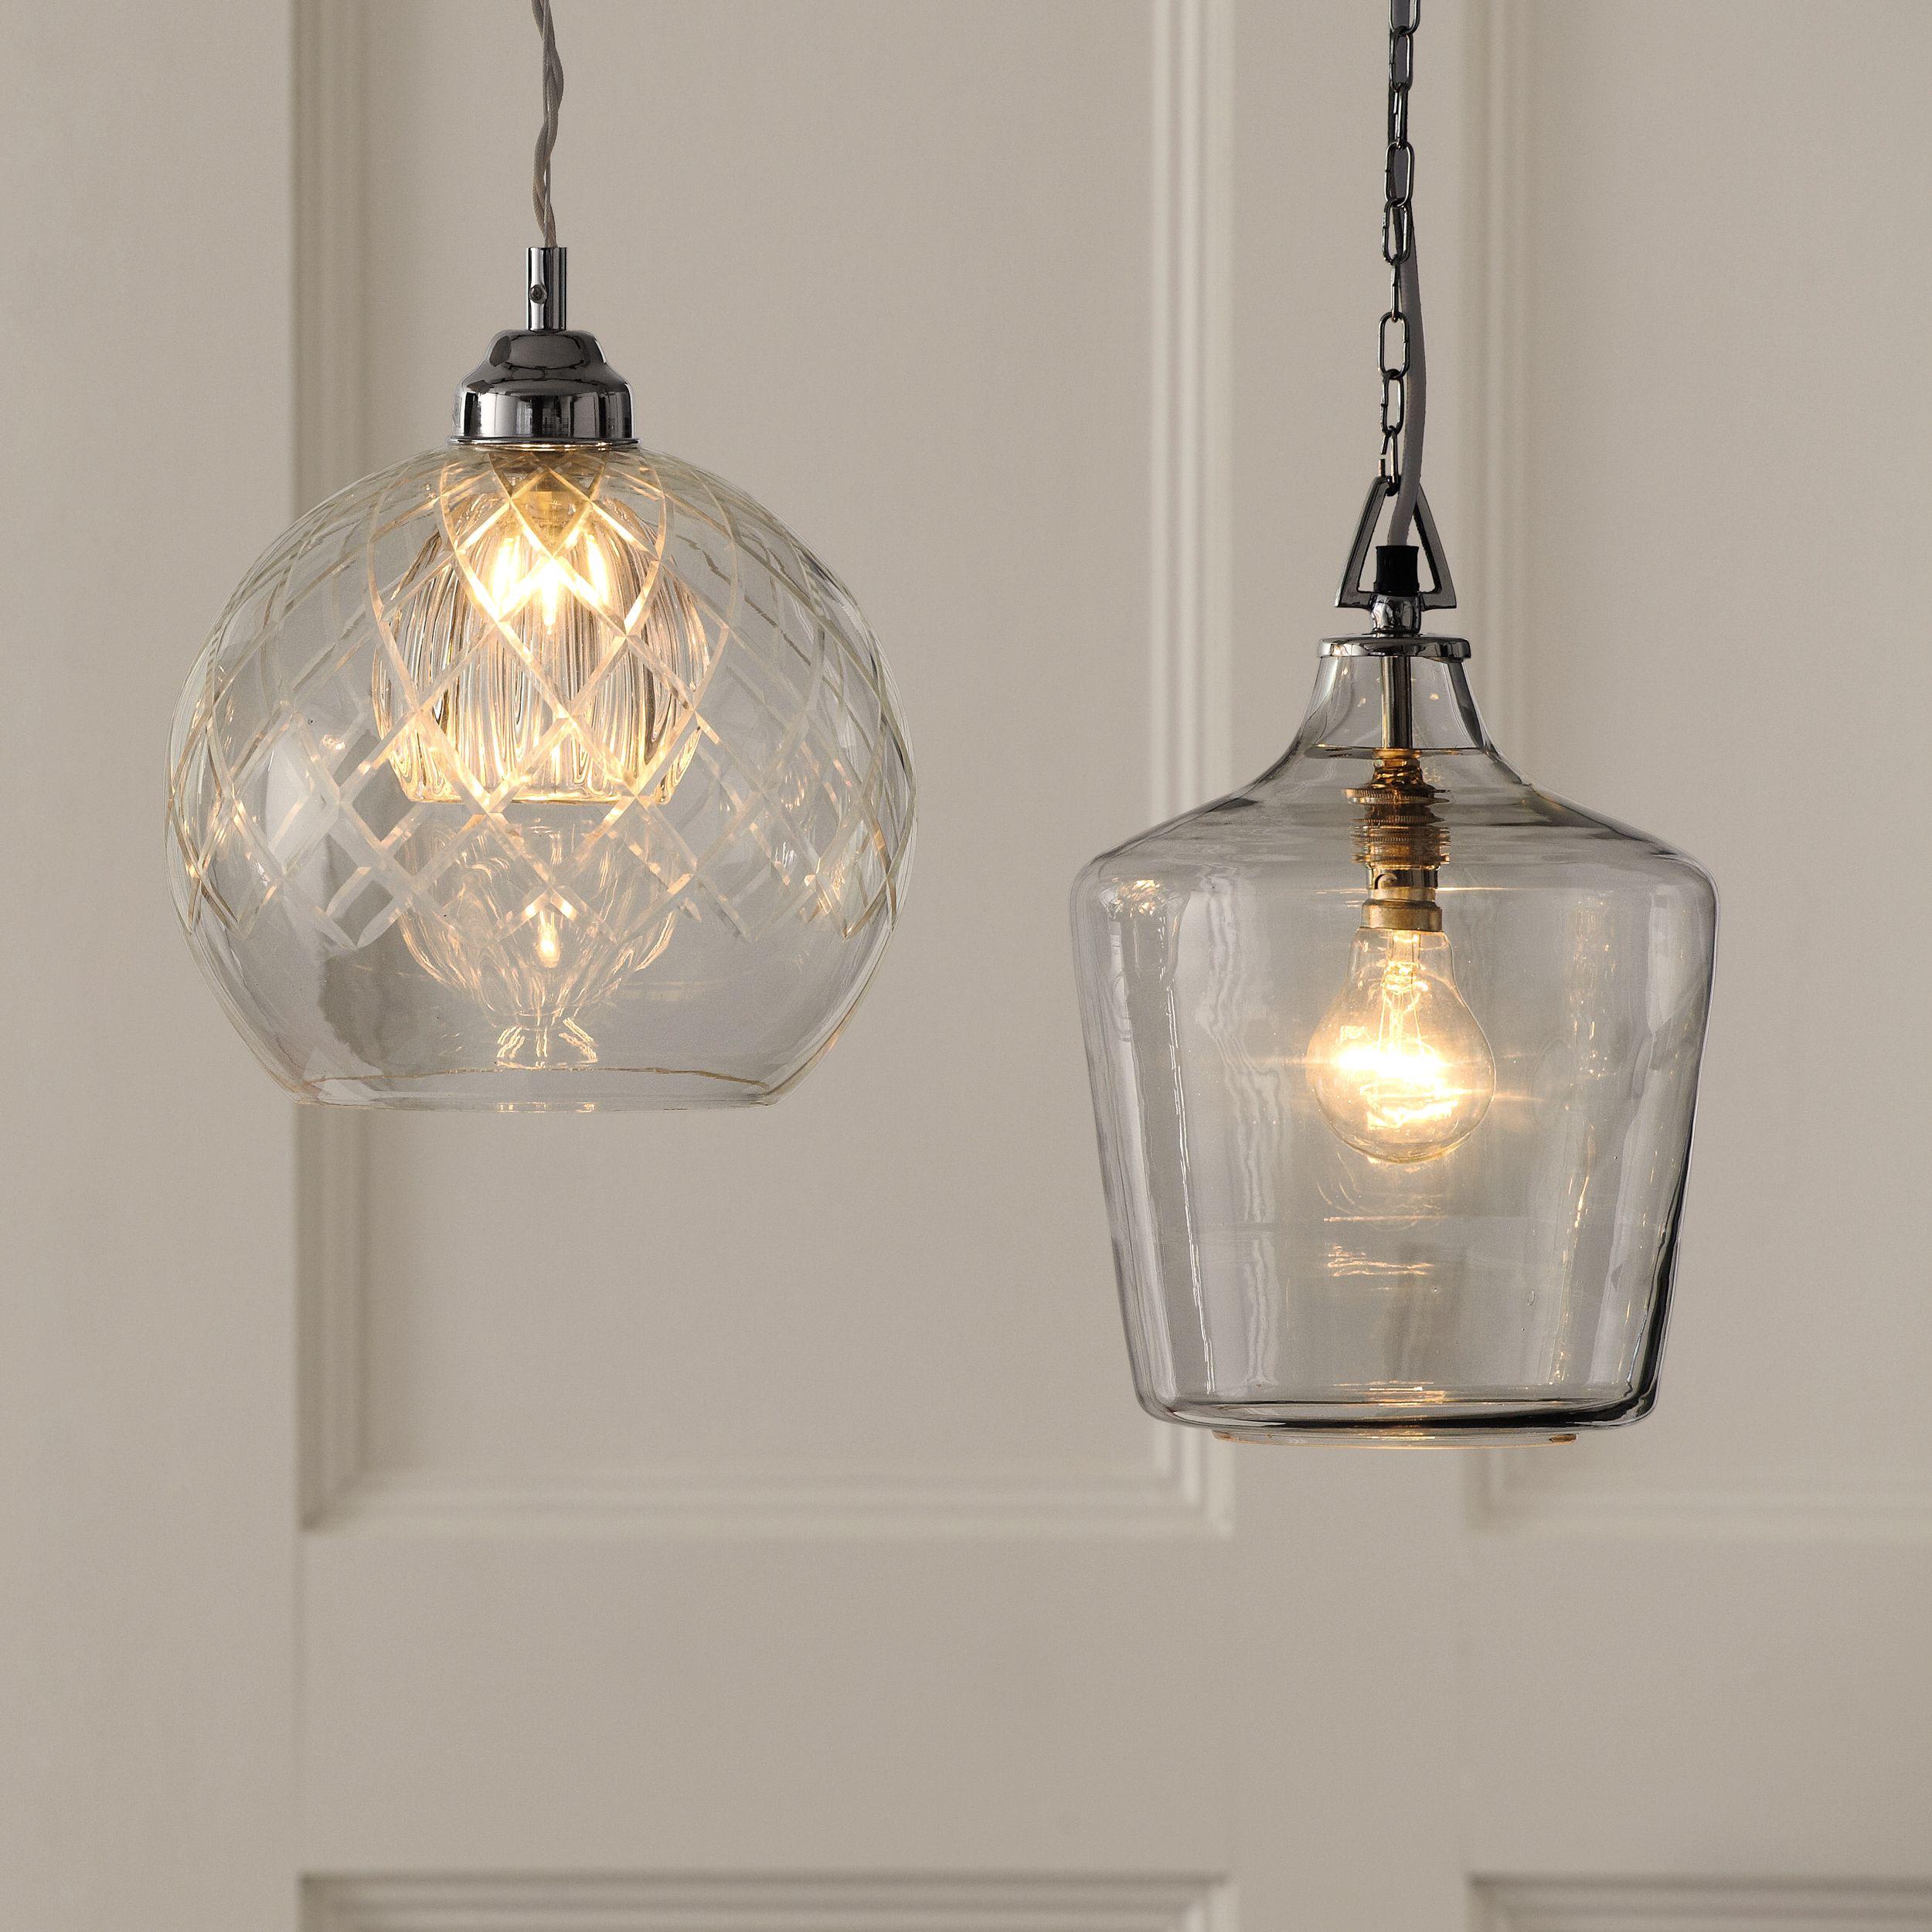 Ockley Glass Bottle Ceiling Pendant Light Images